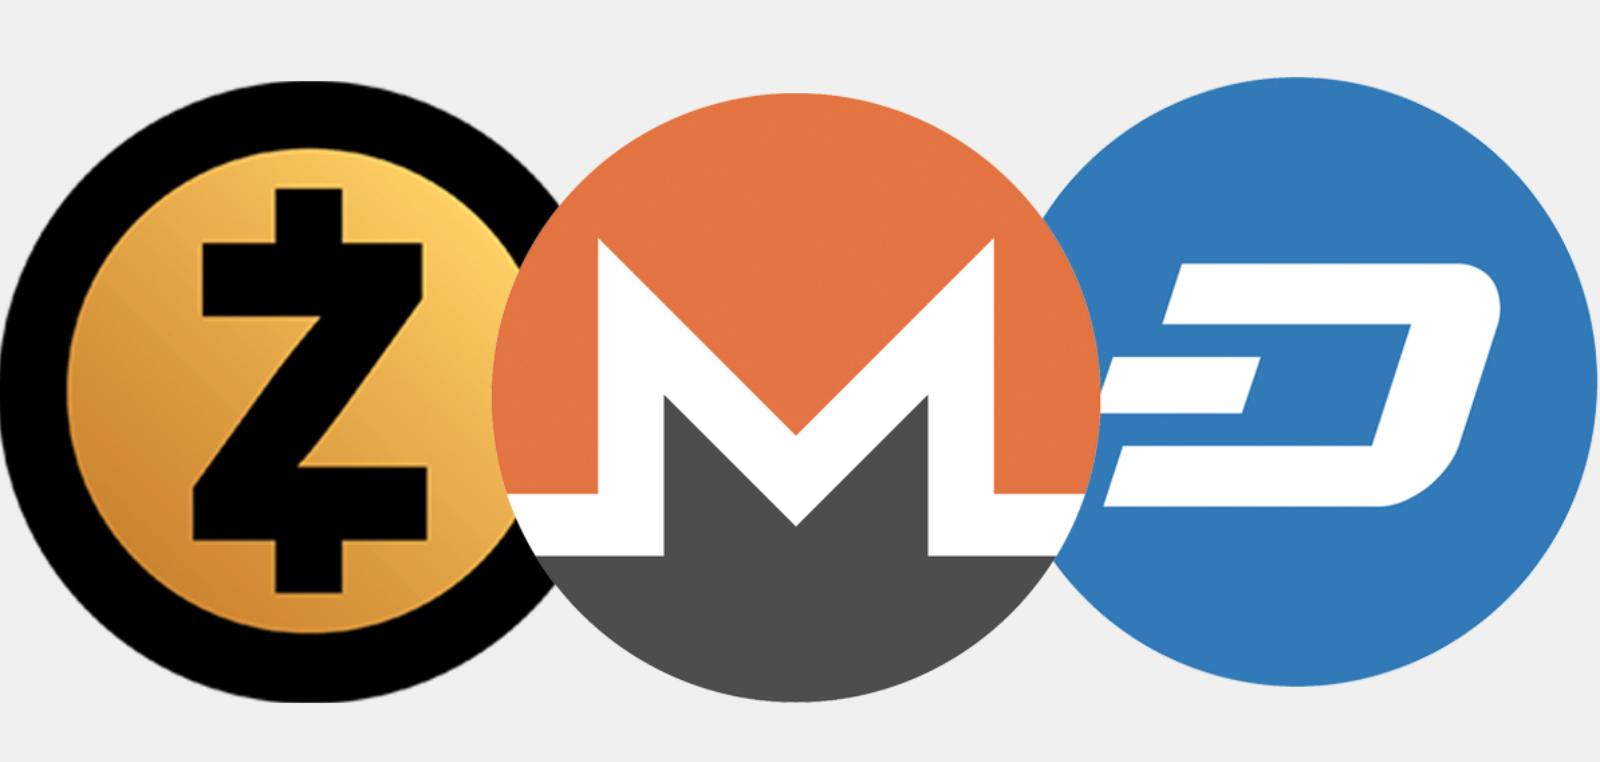 比特币-火星一线   德国财政部:门罗等隐私币对金融的威胁大于比特币